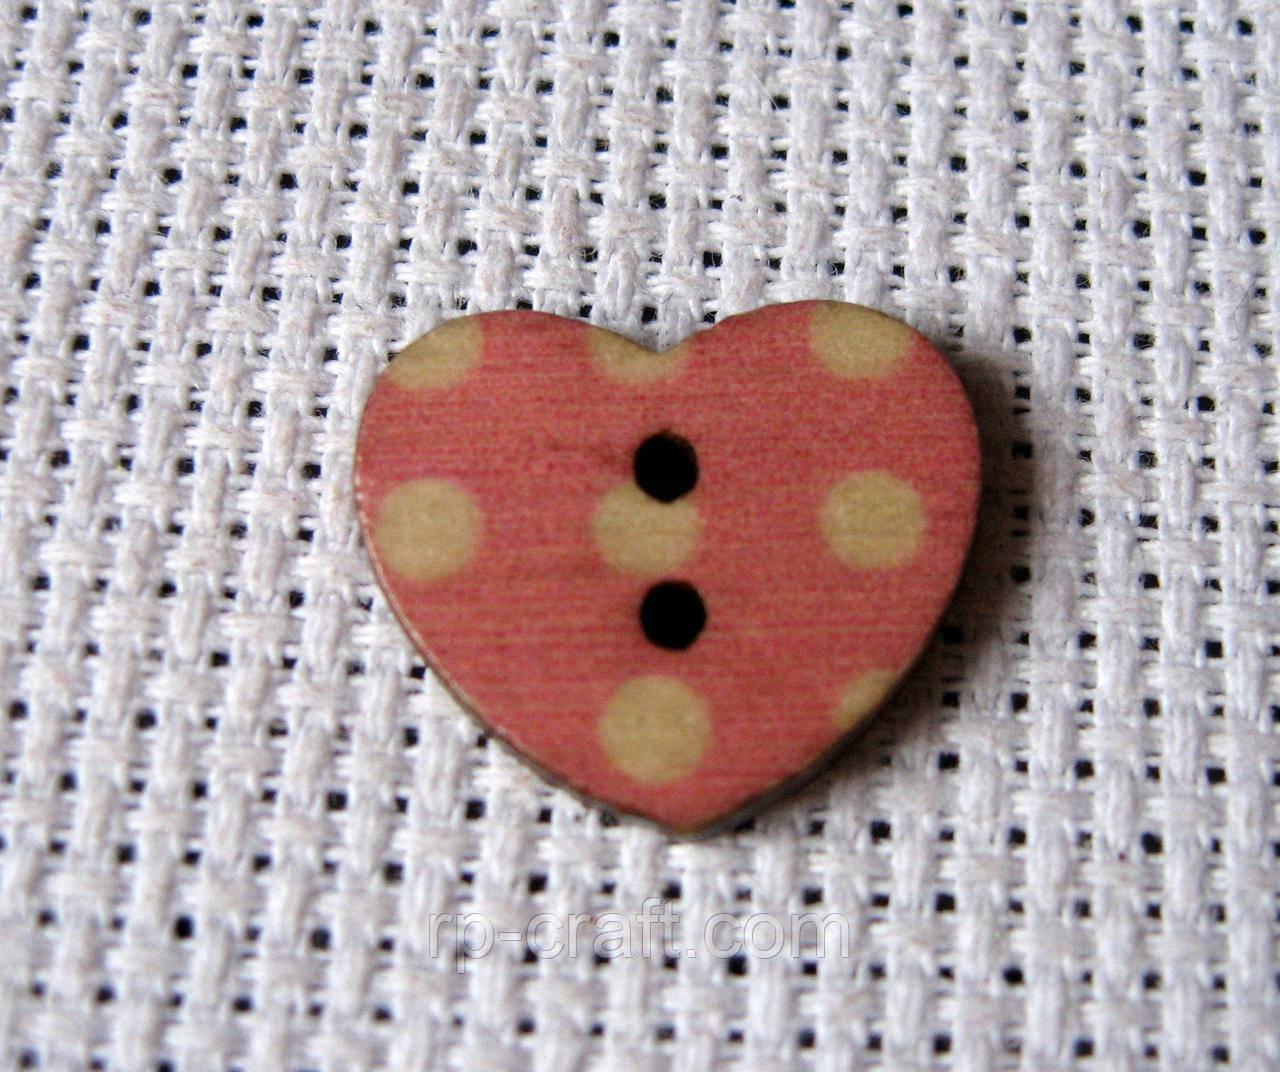 Гудзик дерев'яний, декоративний.  Серце в горошок, 15х17 мм